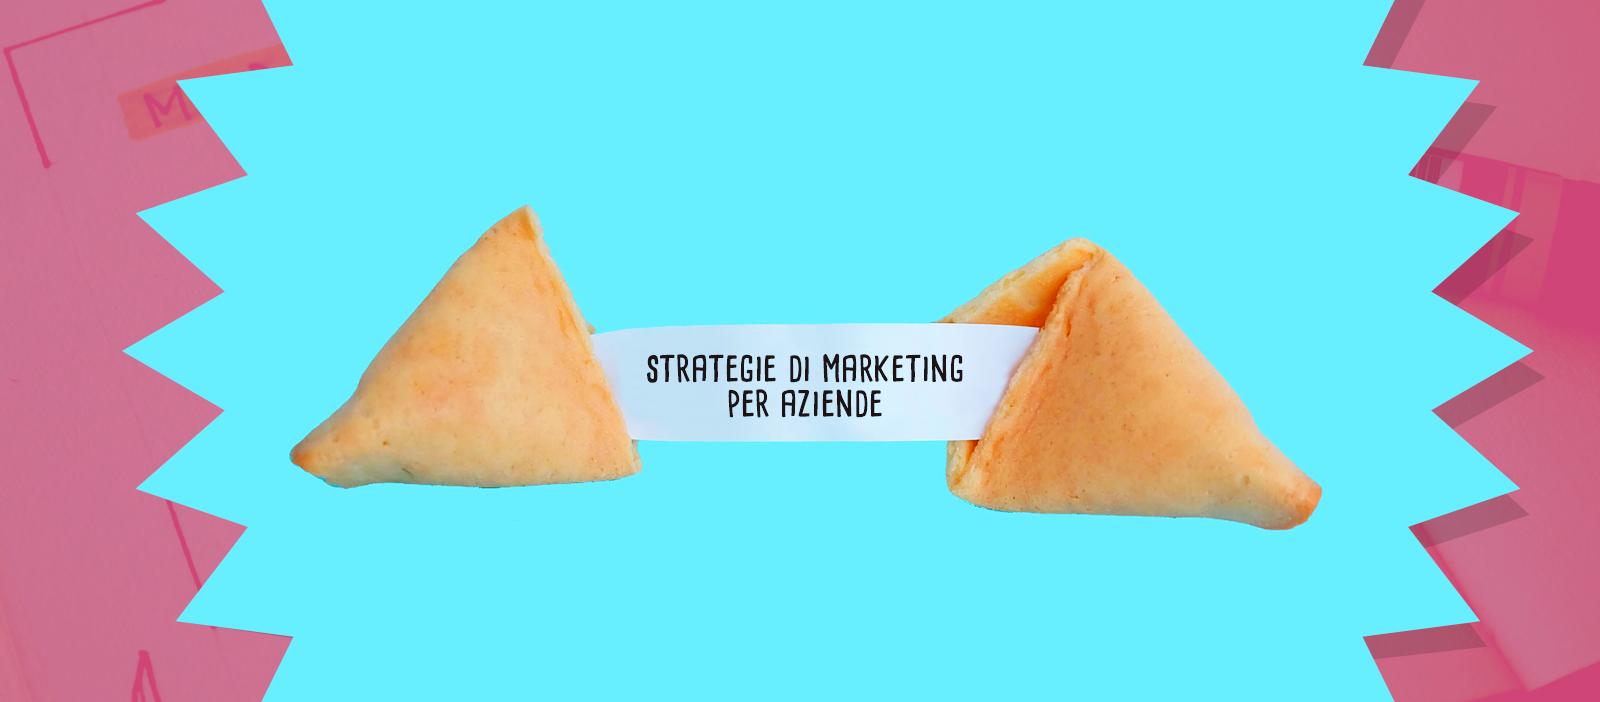 Strategie di marketing per aziende: come fare un piano